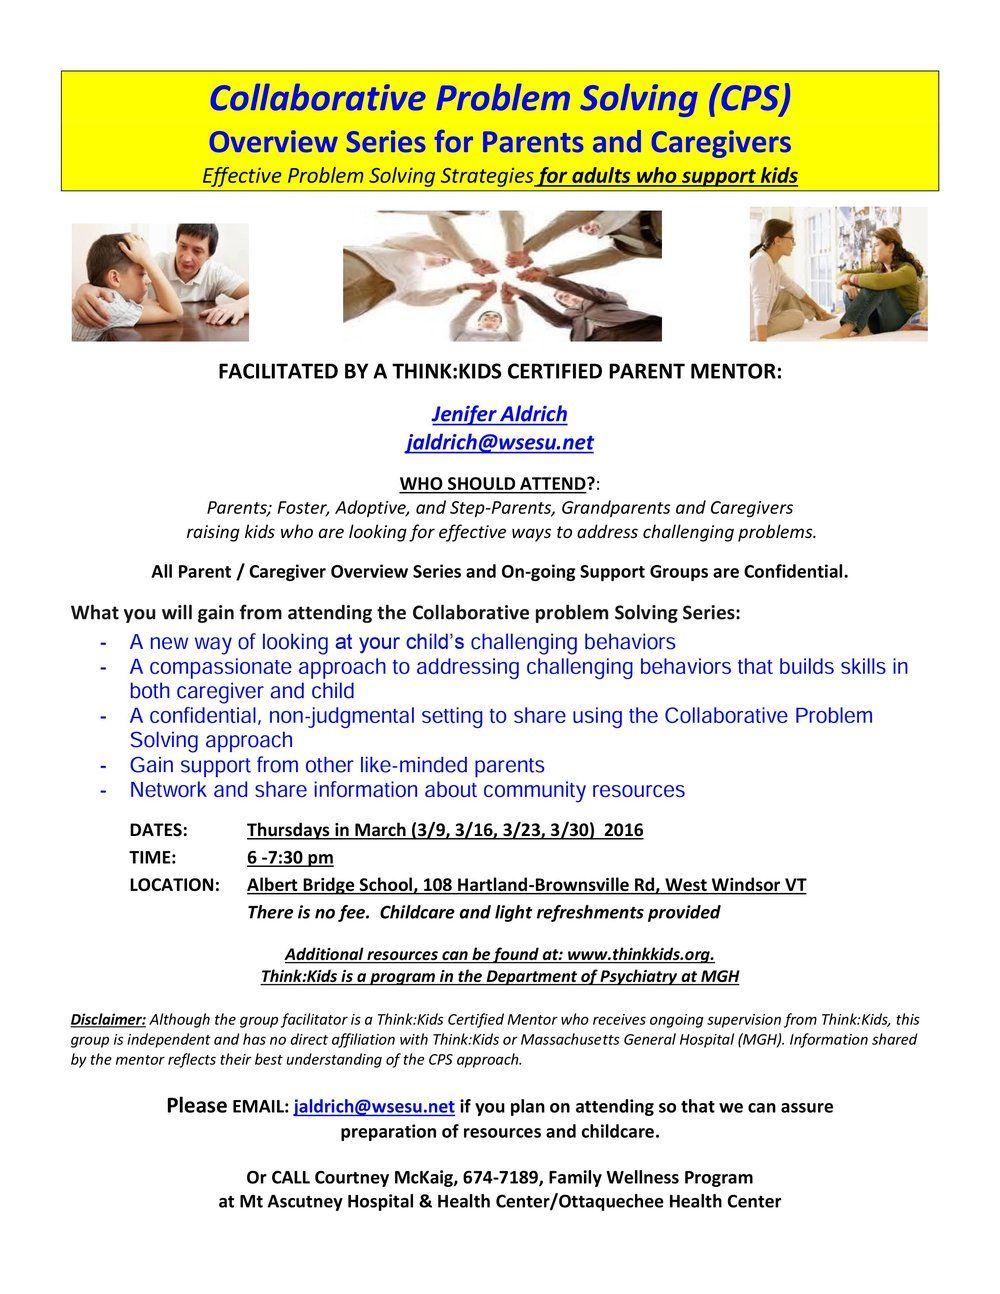 worksheet Collaborative Problem Solving Worksheet collaborative problem solving for parents and caregivers news caregivers